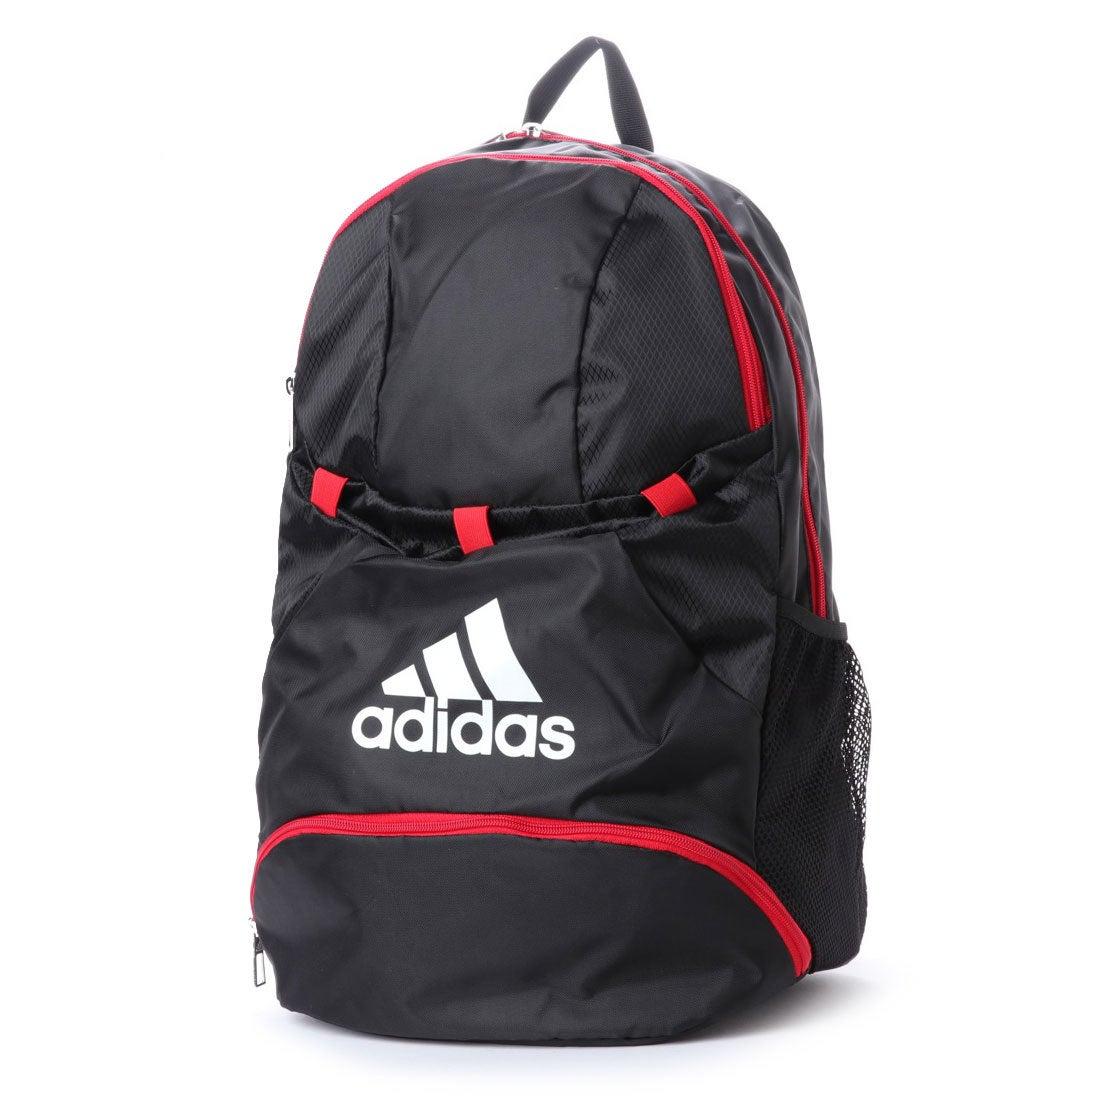 アディダス adidas サッカー フットサル バックパック ボール用デイパック ADP28BKR